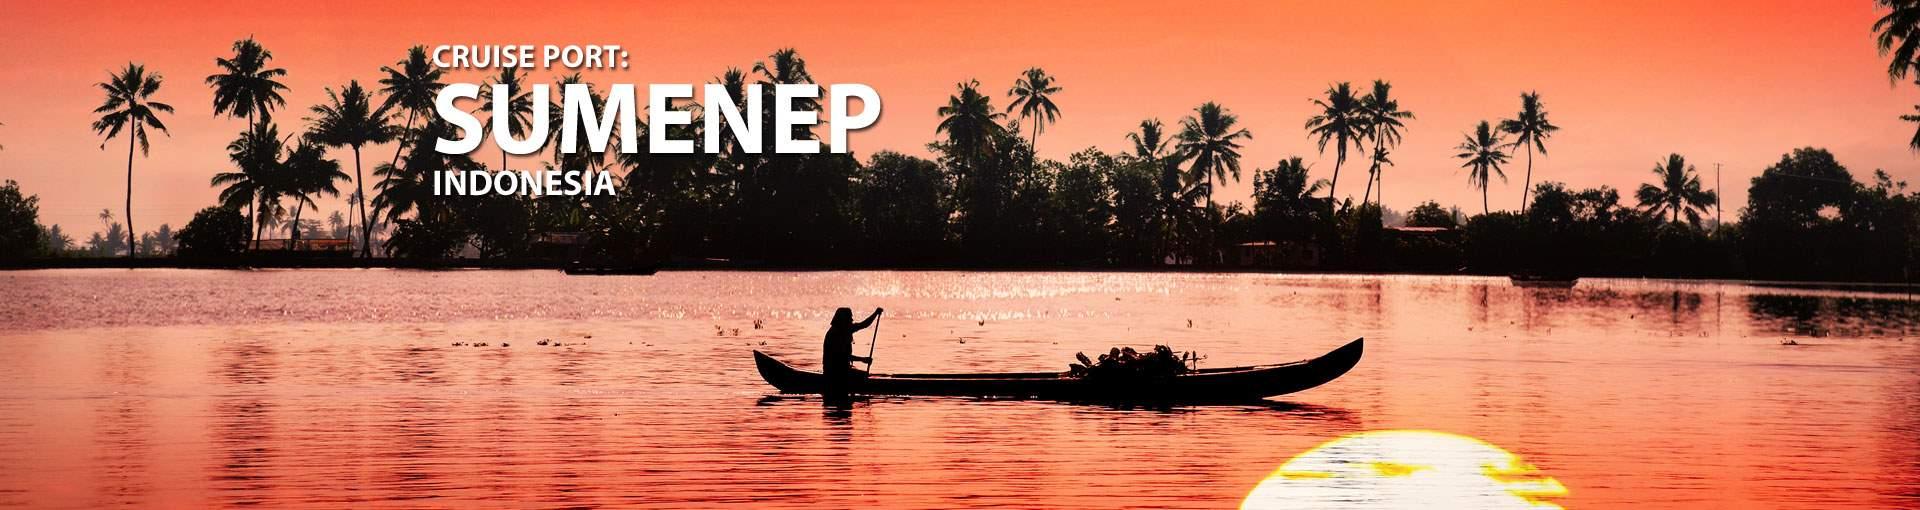 Cruises to Sumenep, Indonesia